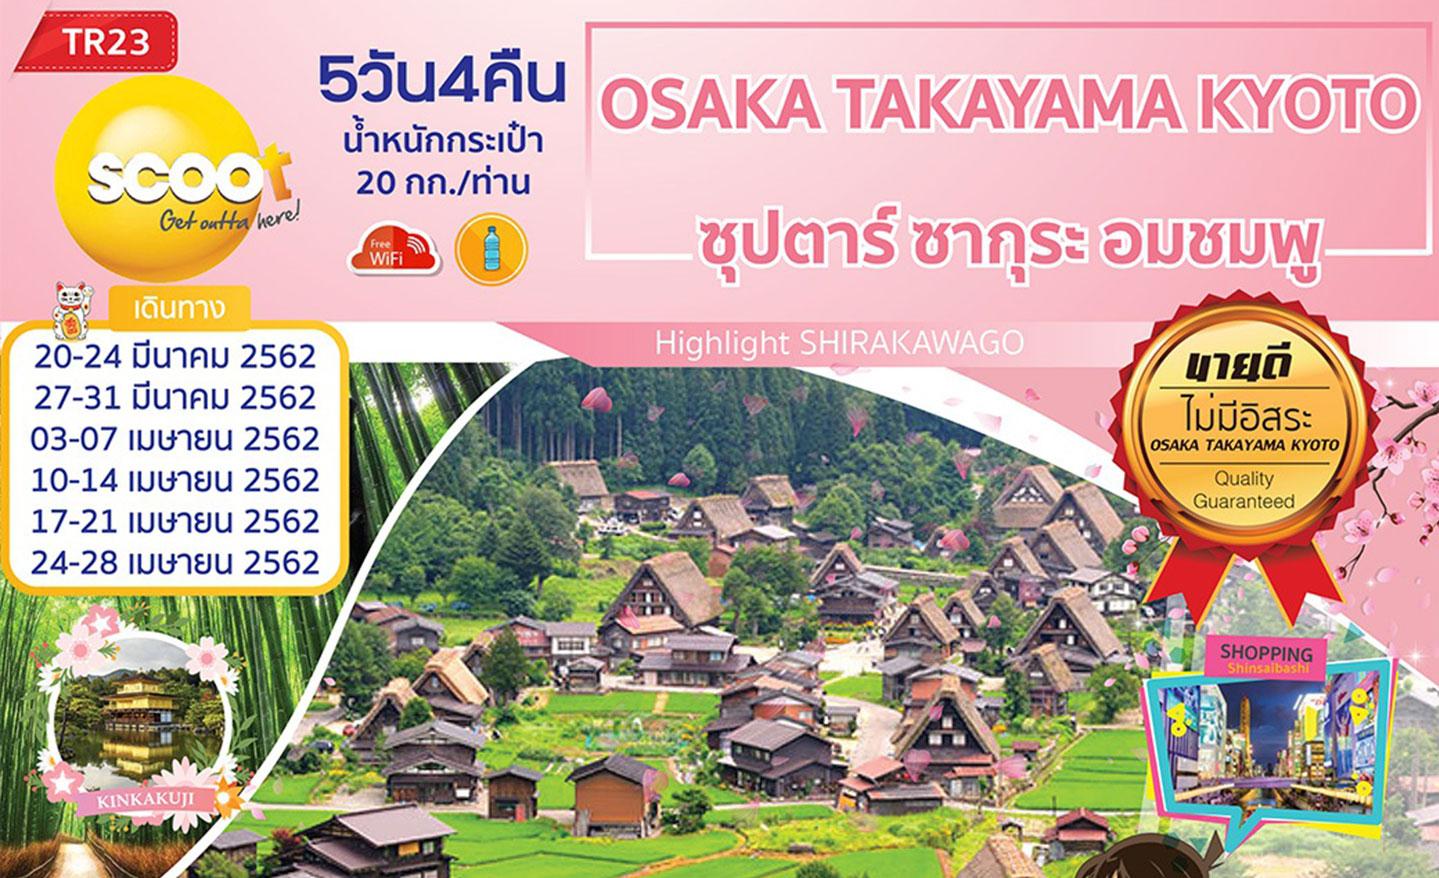 ทัวร์ญี่ปุ่น Osaka Takayama Kyoto ซุปตาร์ ซากุระ อมชมพู (มี.ค.-เม.ย.62)